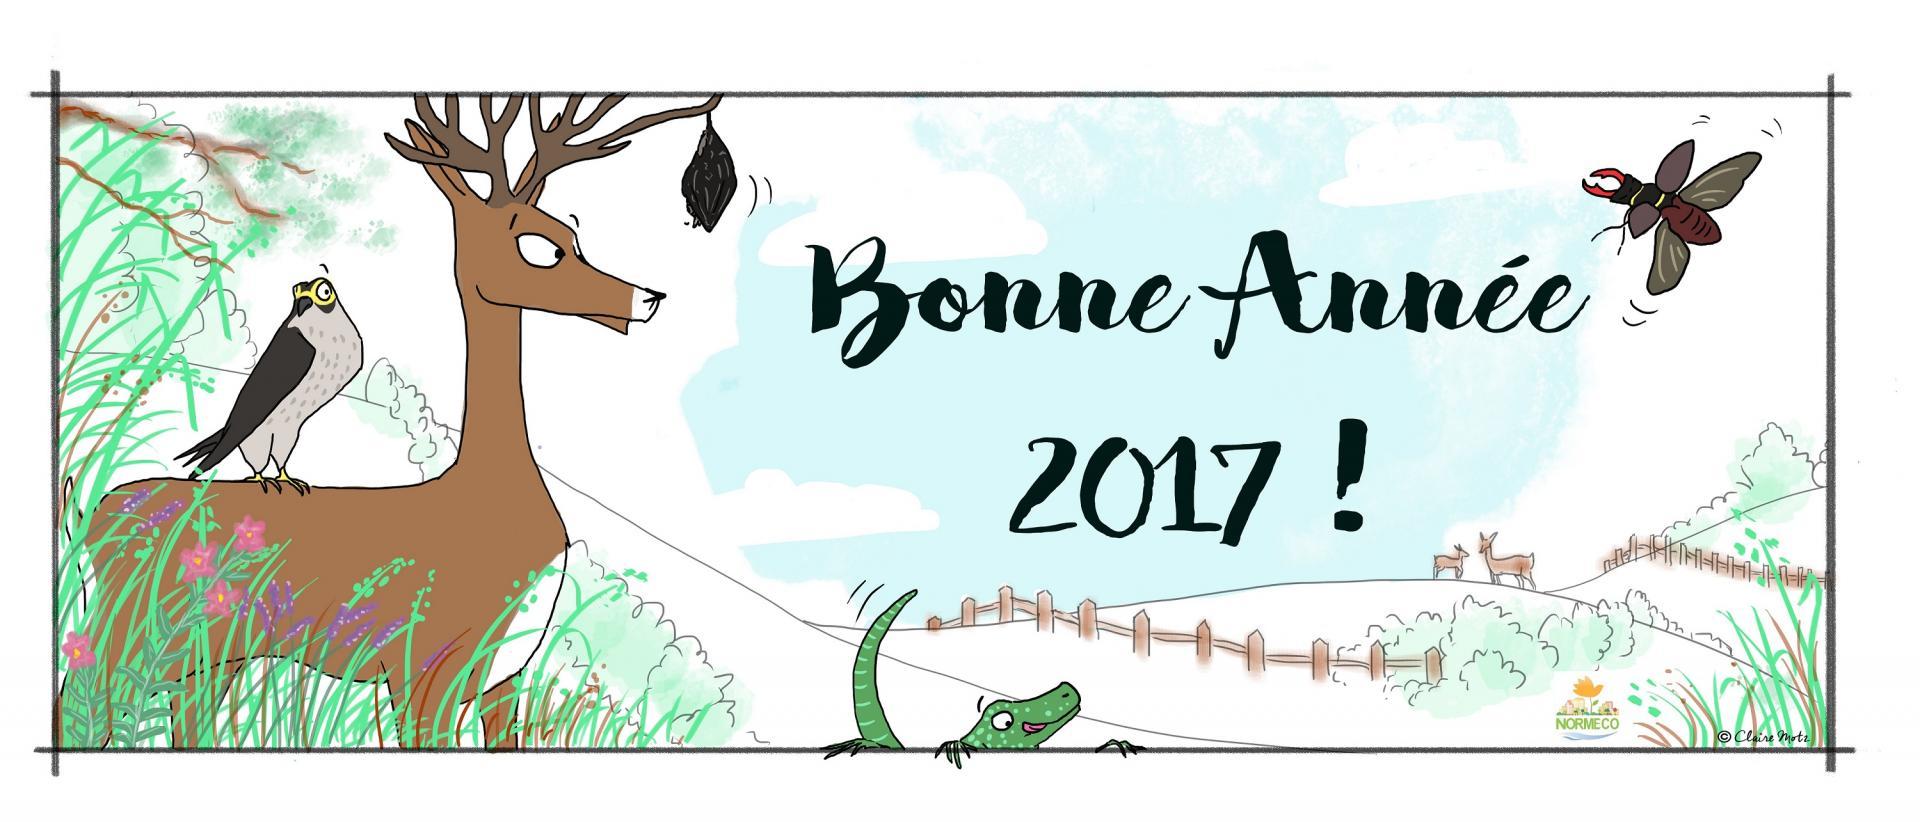 NORMECO VOUS SOUHAITE UNE BELLE ANNEE 2017 !